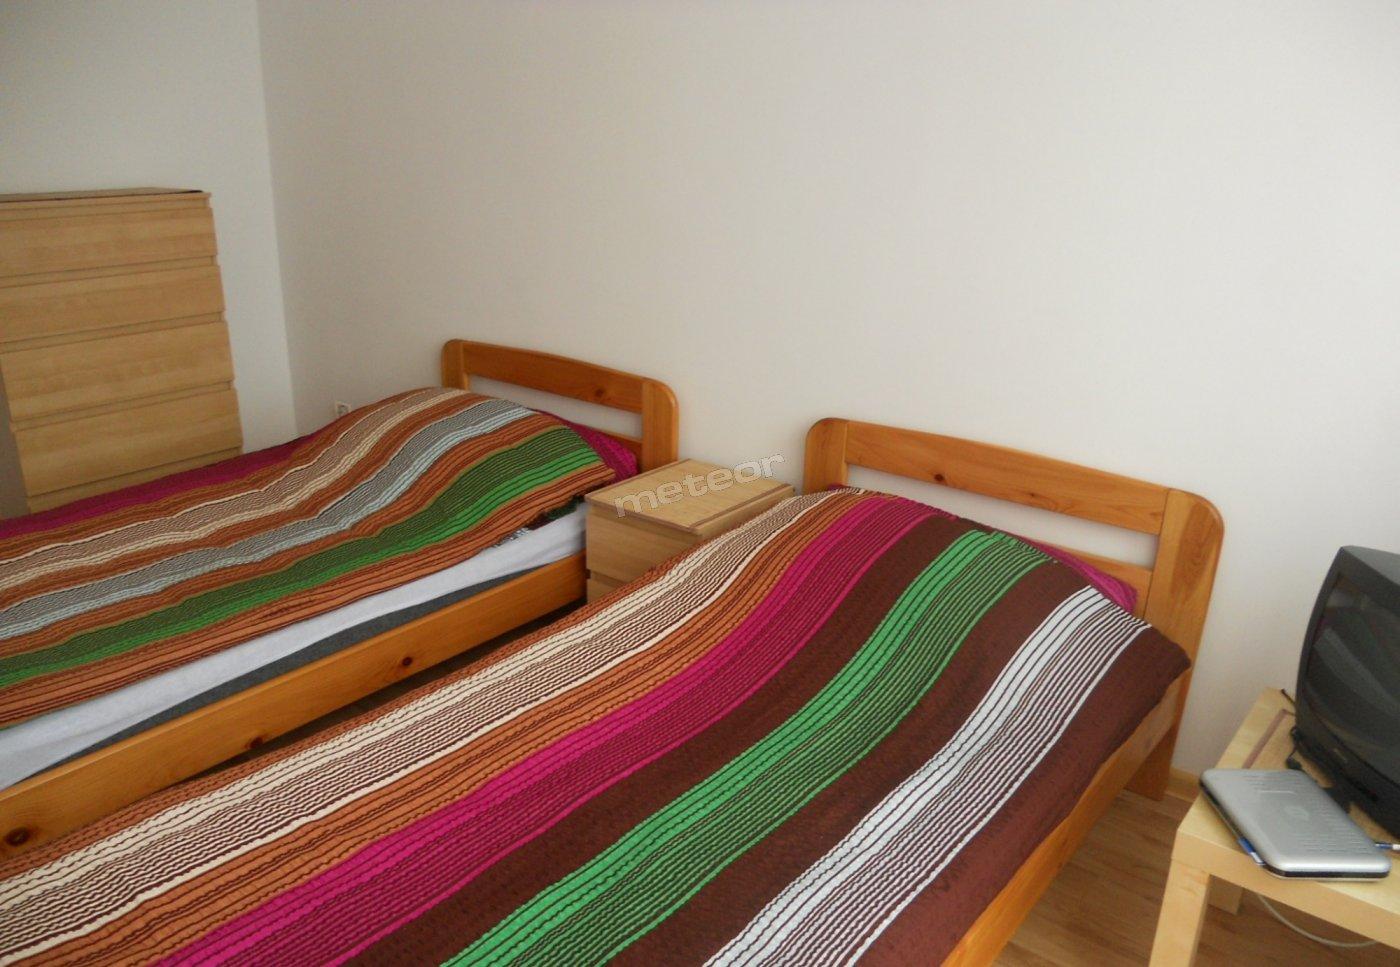 standard pokoju dwuosobowego ze wspólną łazienką i kuchnią z innym pokojem na piętrze budynku z balkonem, do dyspozycji sprzęt rtv, lodówka, naczynia kuchenne, czajnik, kuchenka gazowa, mikrofala